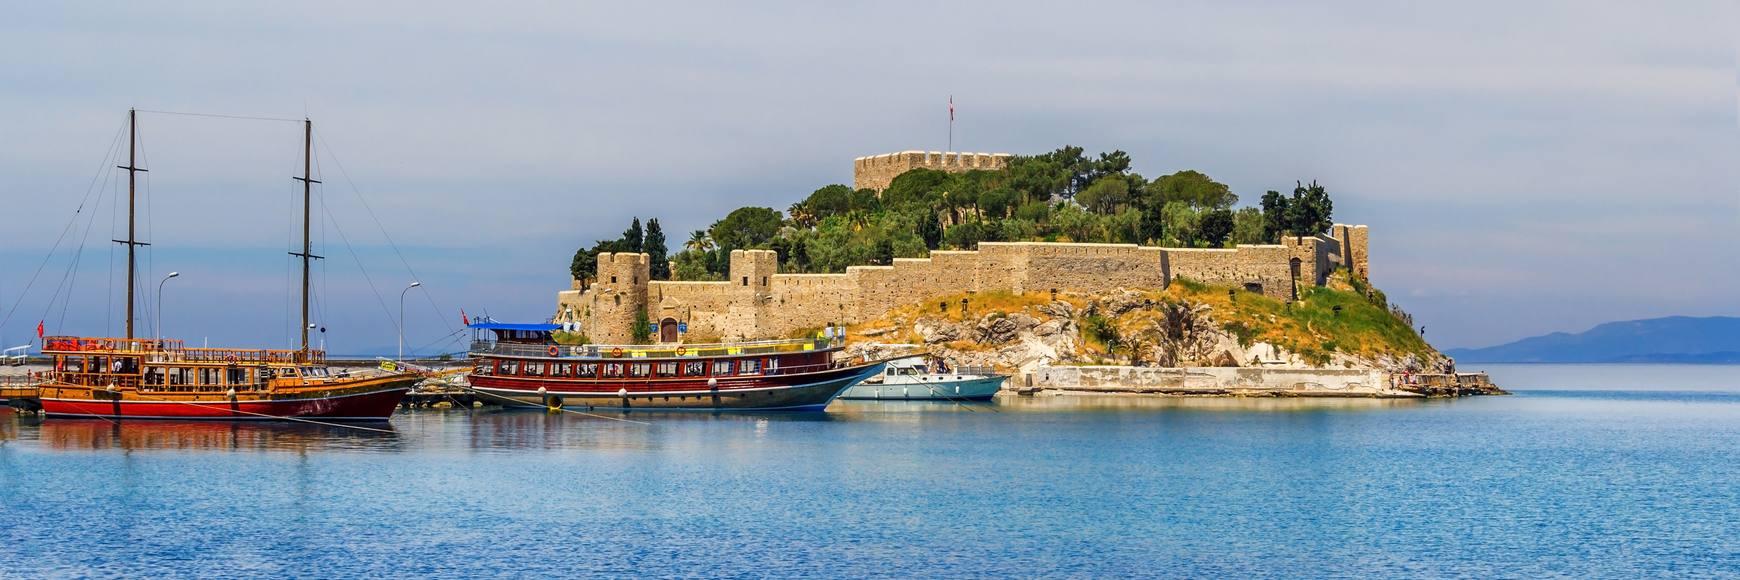 Location catamaran Turquie